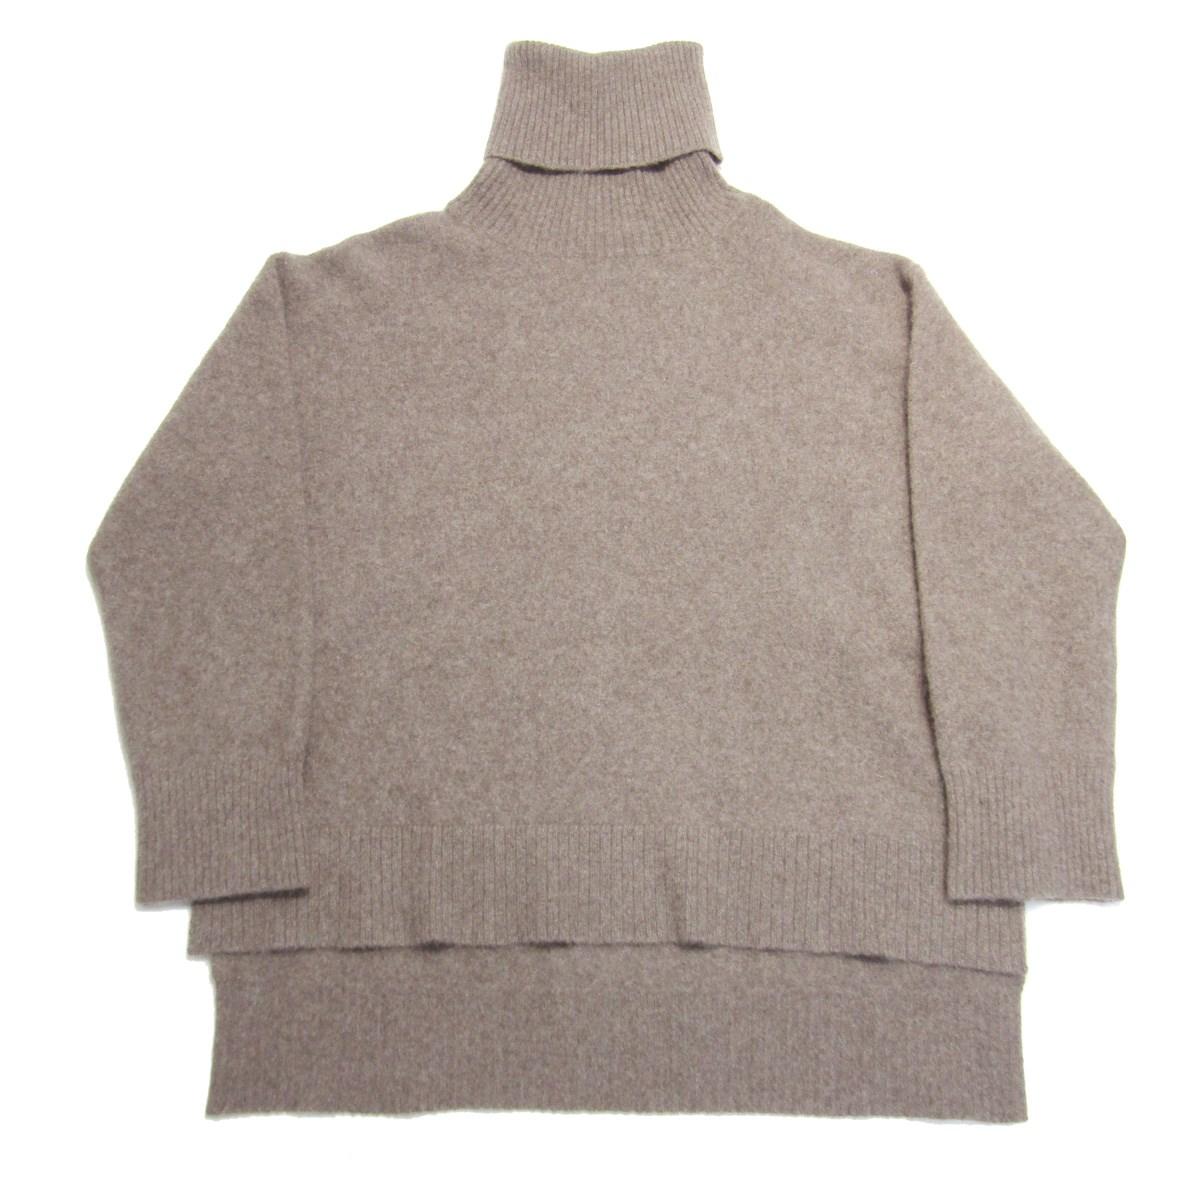 【中古】Loungedress ヤク100タートルネックニット セーター ブラウン サイズ:Free 【040320】(ラウンジドレス)